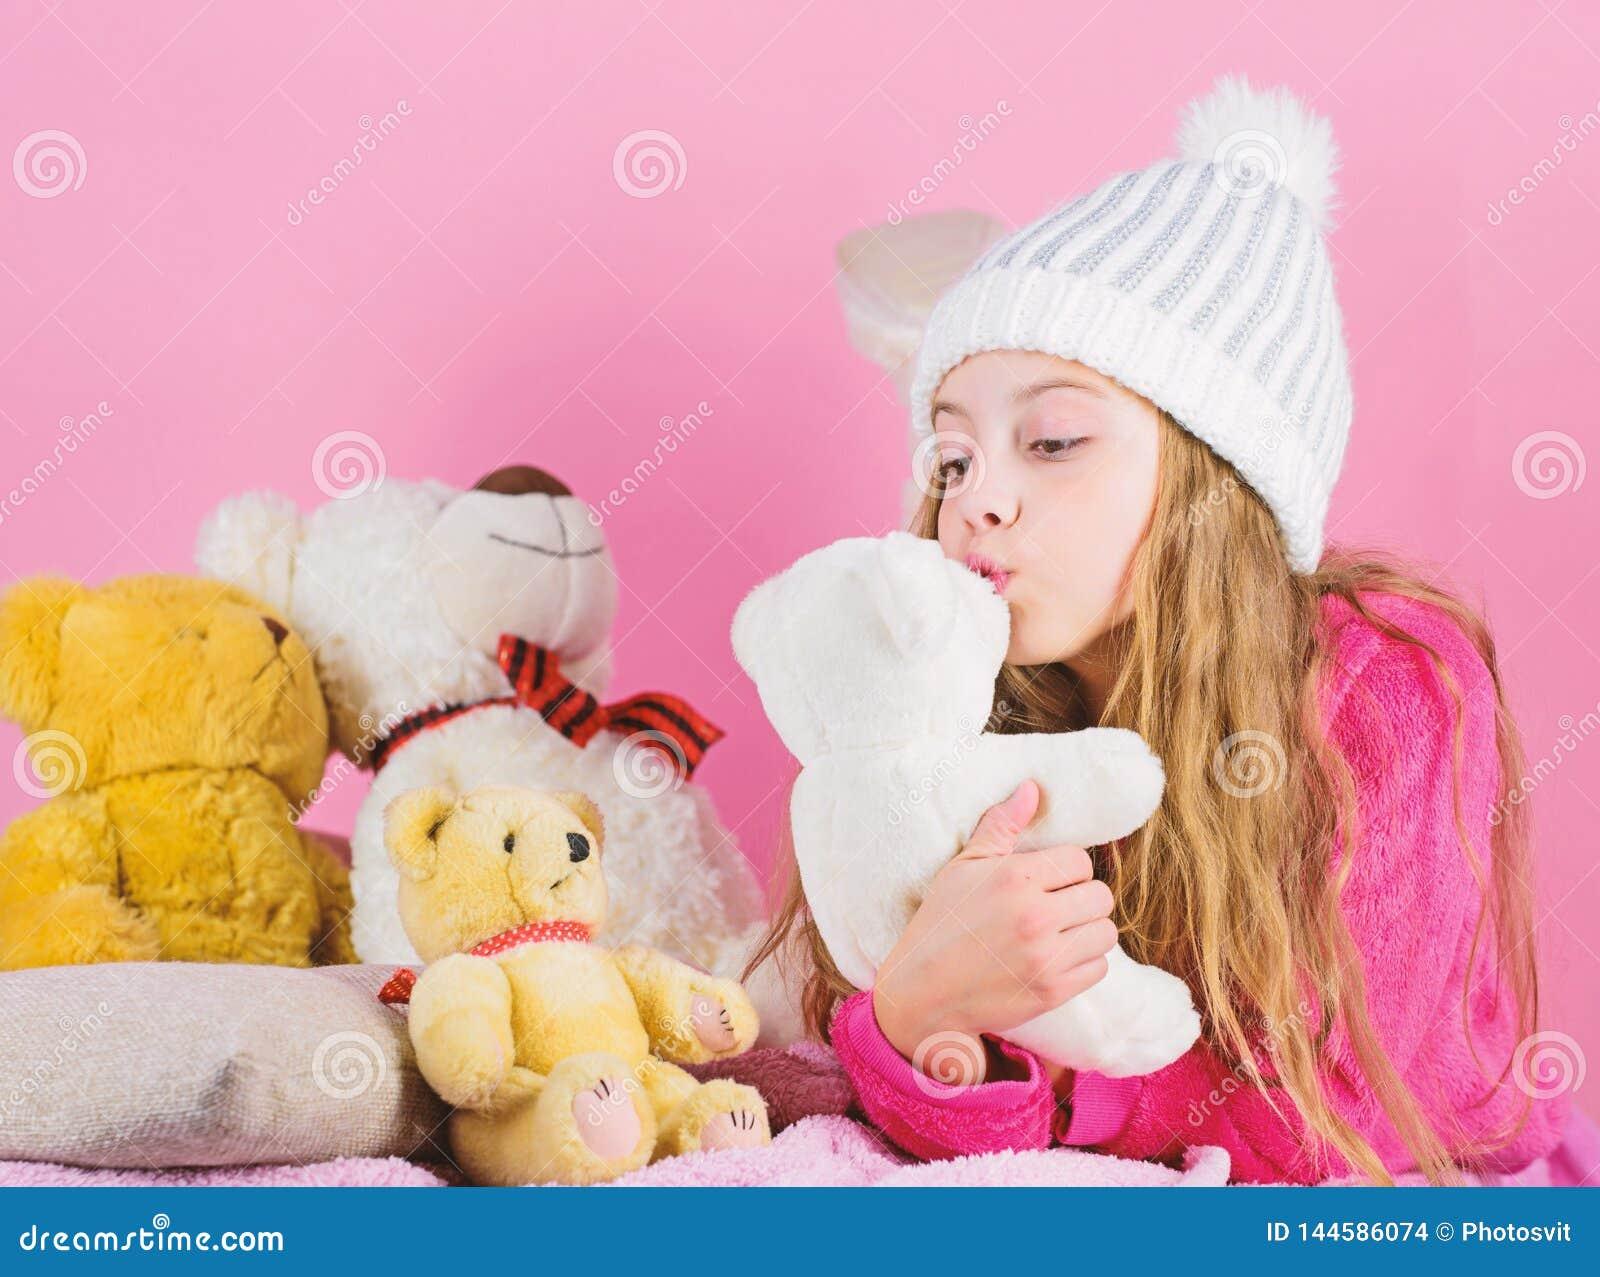 El juego de la niña del niño con el peluche suave del juguete refiere el fondo rosado Los osos de peluche ayudan a niños a maneja